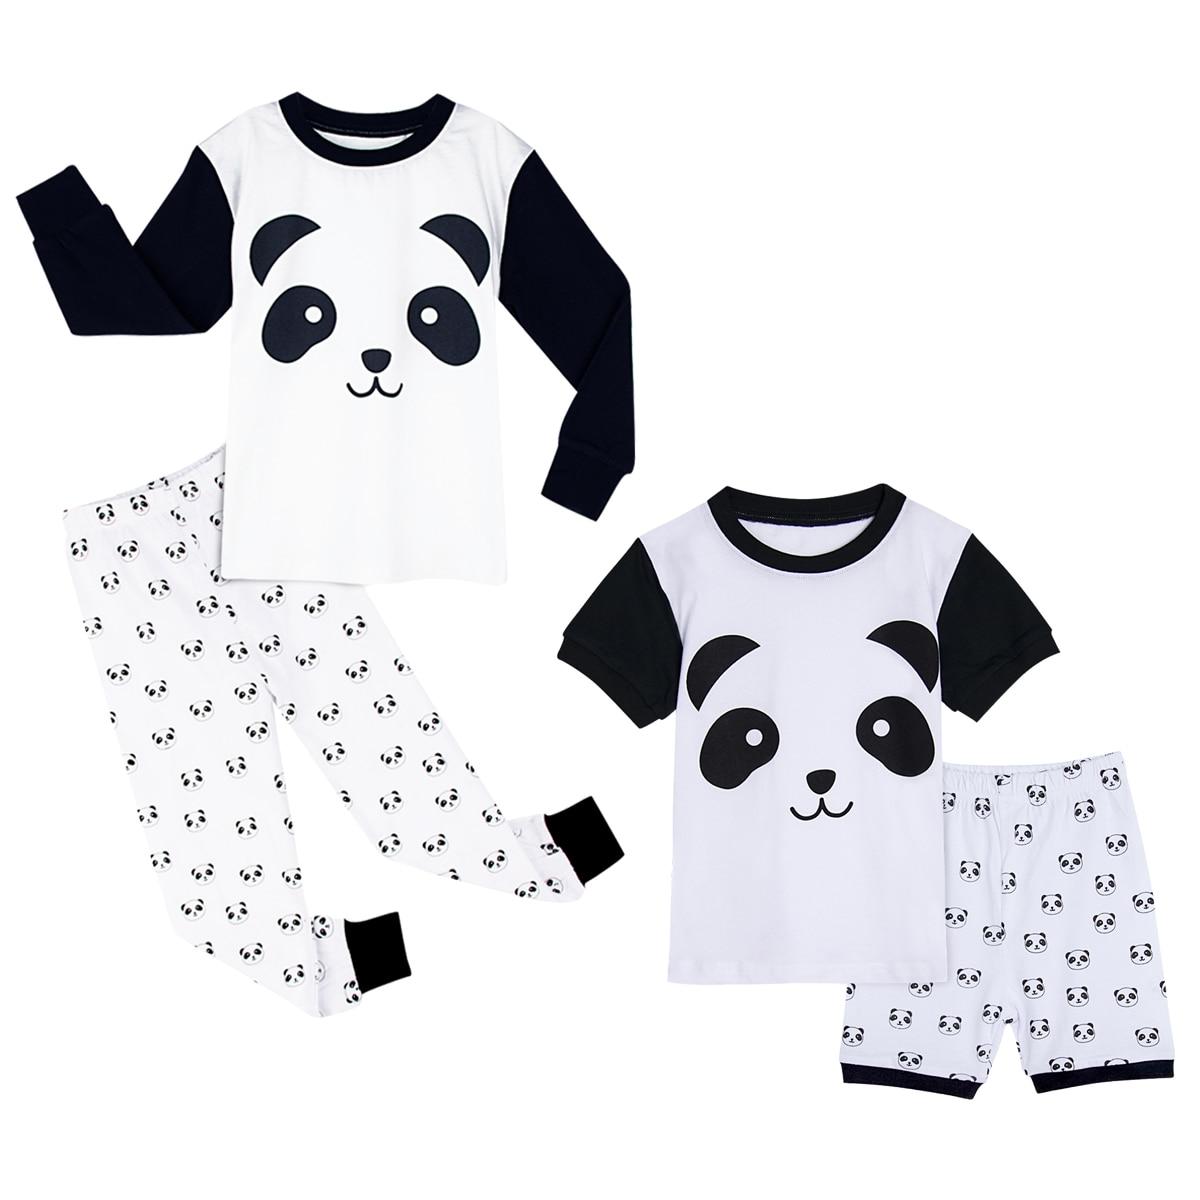 NEW 2T TUXEDO PAJAMAS  Toddler Boys/' Short Sleeve Top Long Bottoms